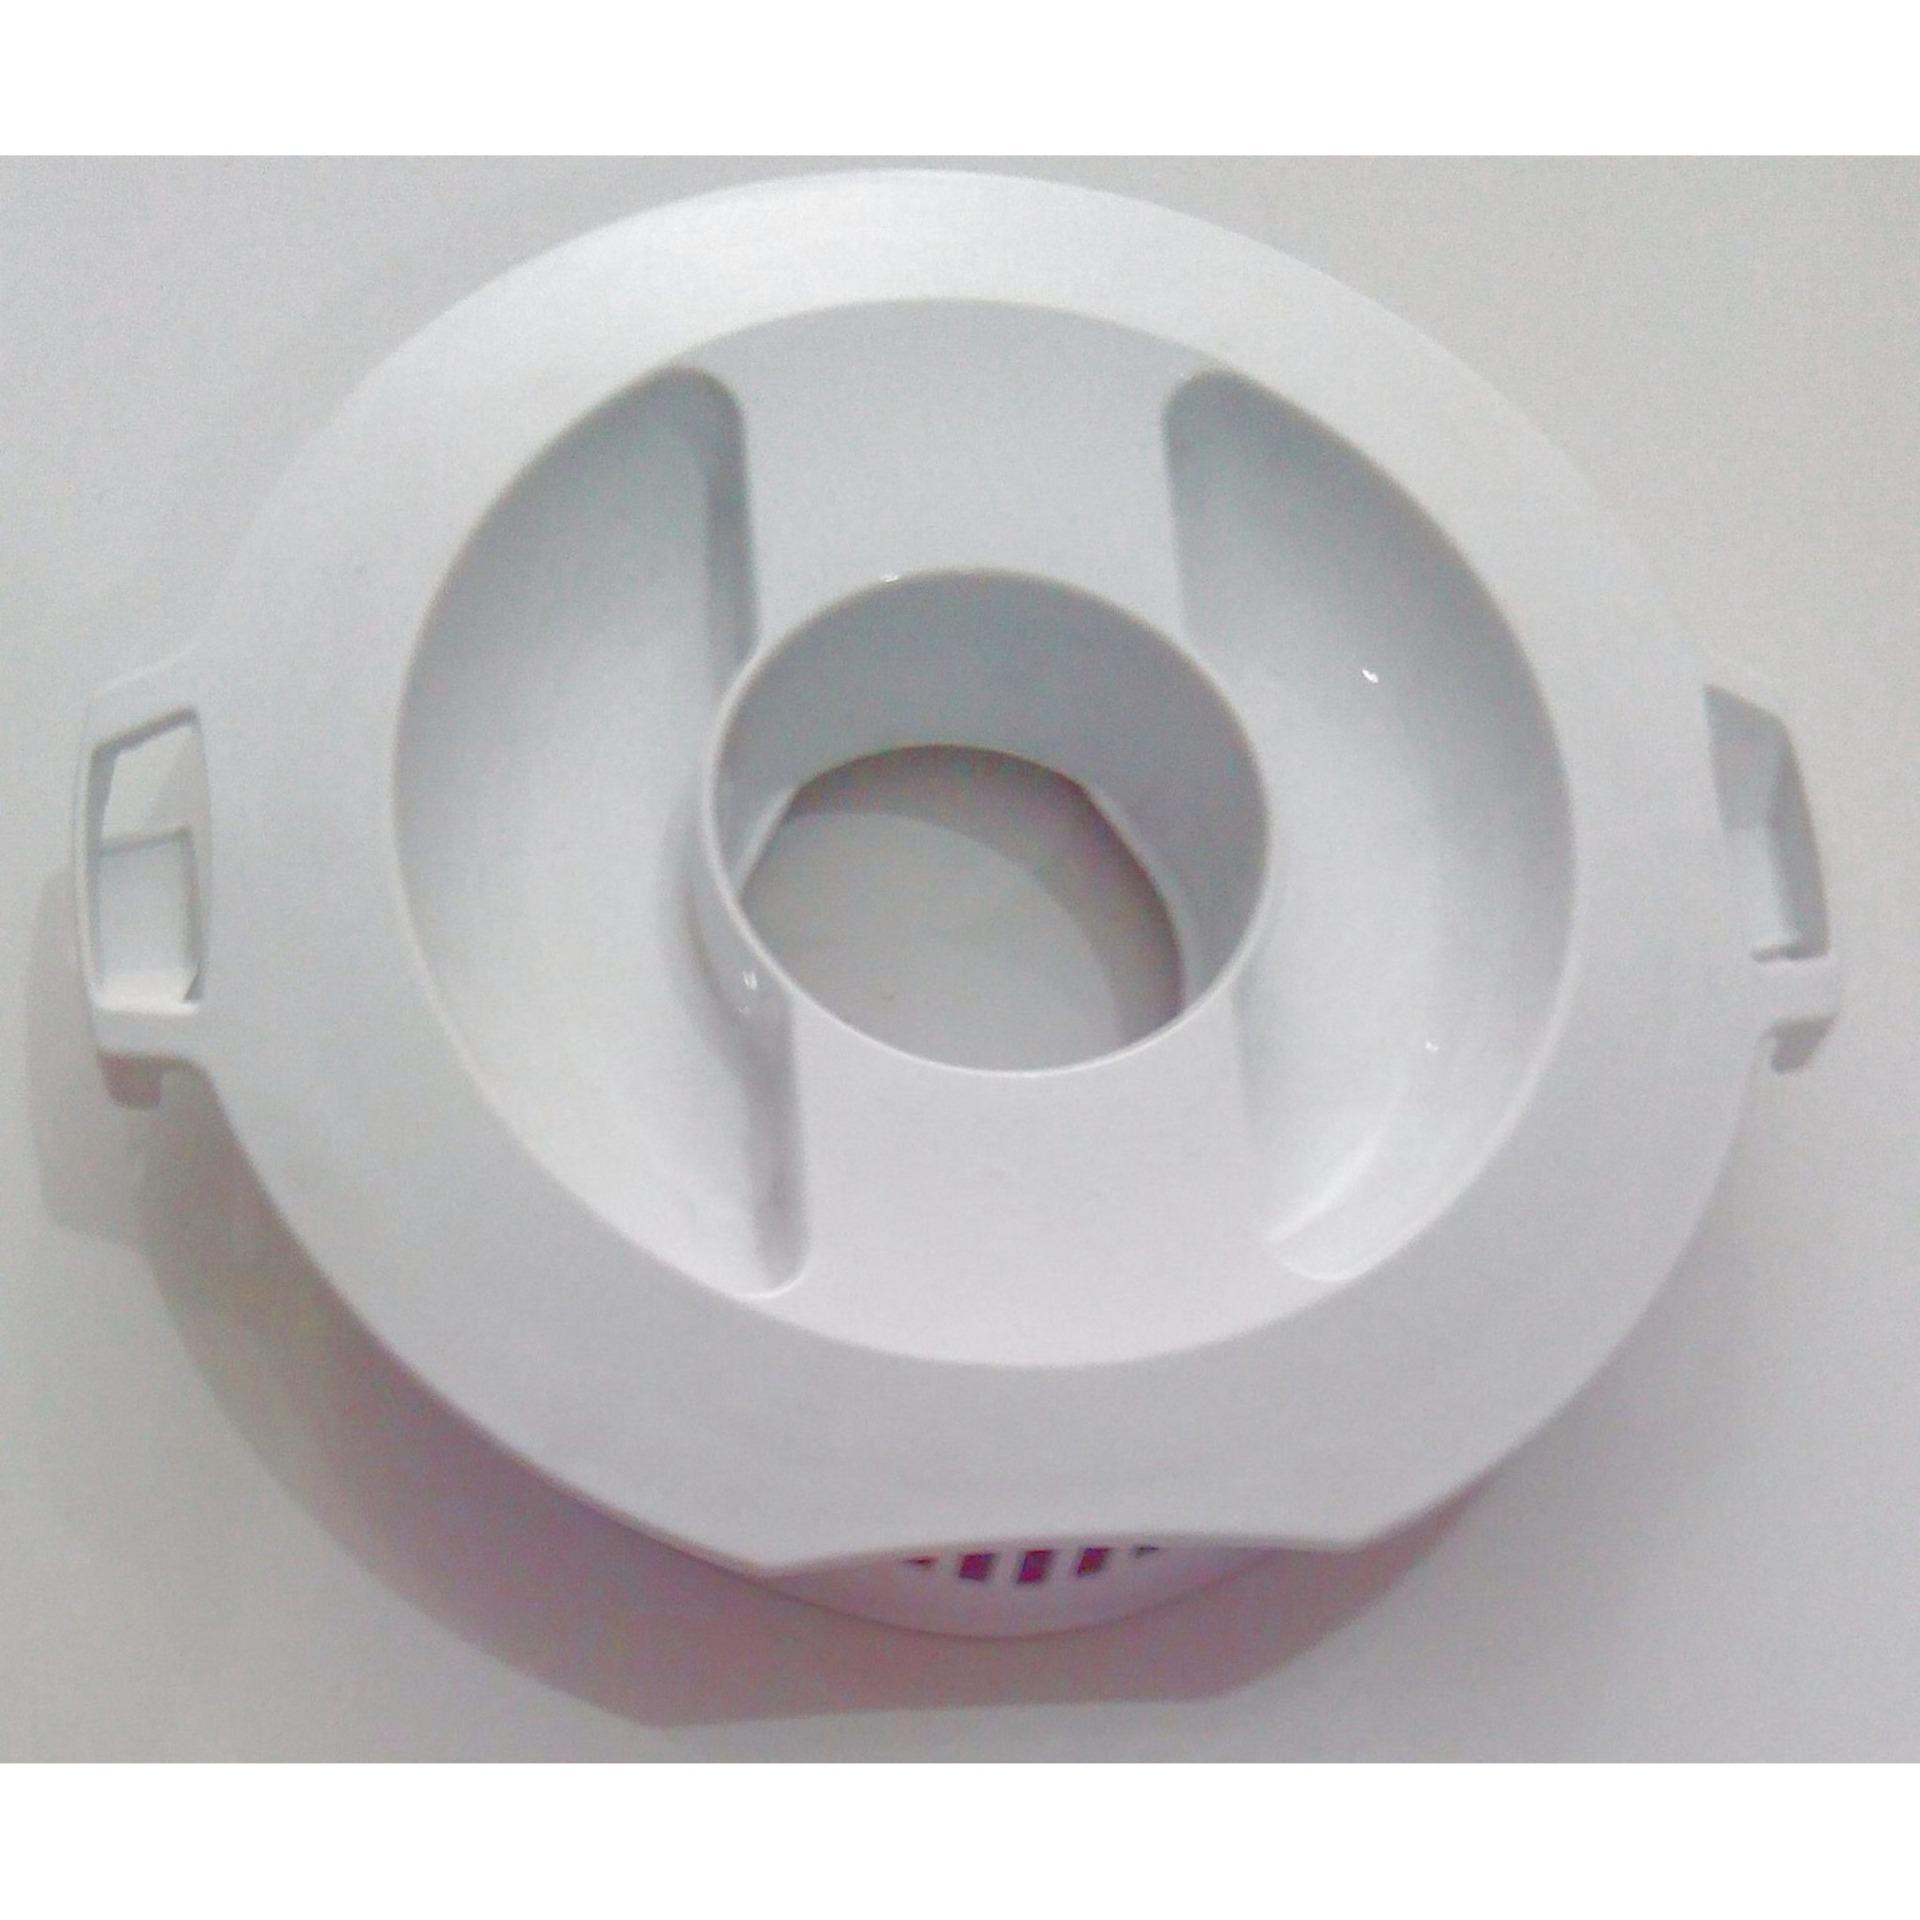 Philips Blender Jar Lid for HR2116 (Tutup Blender Kaca)